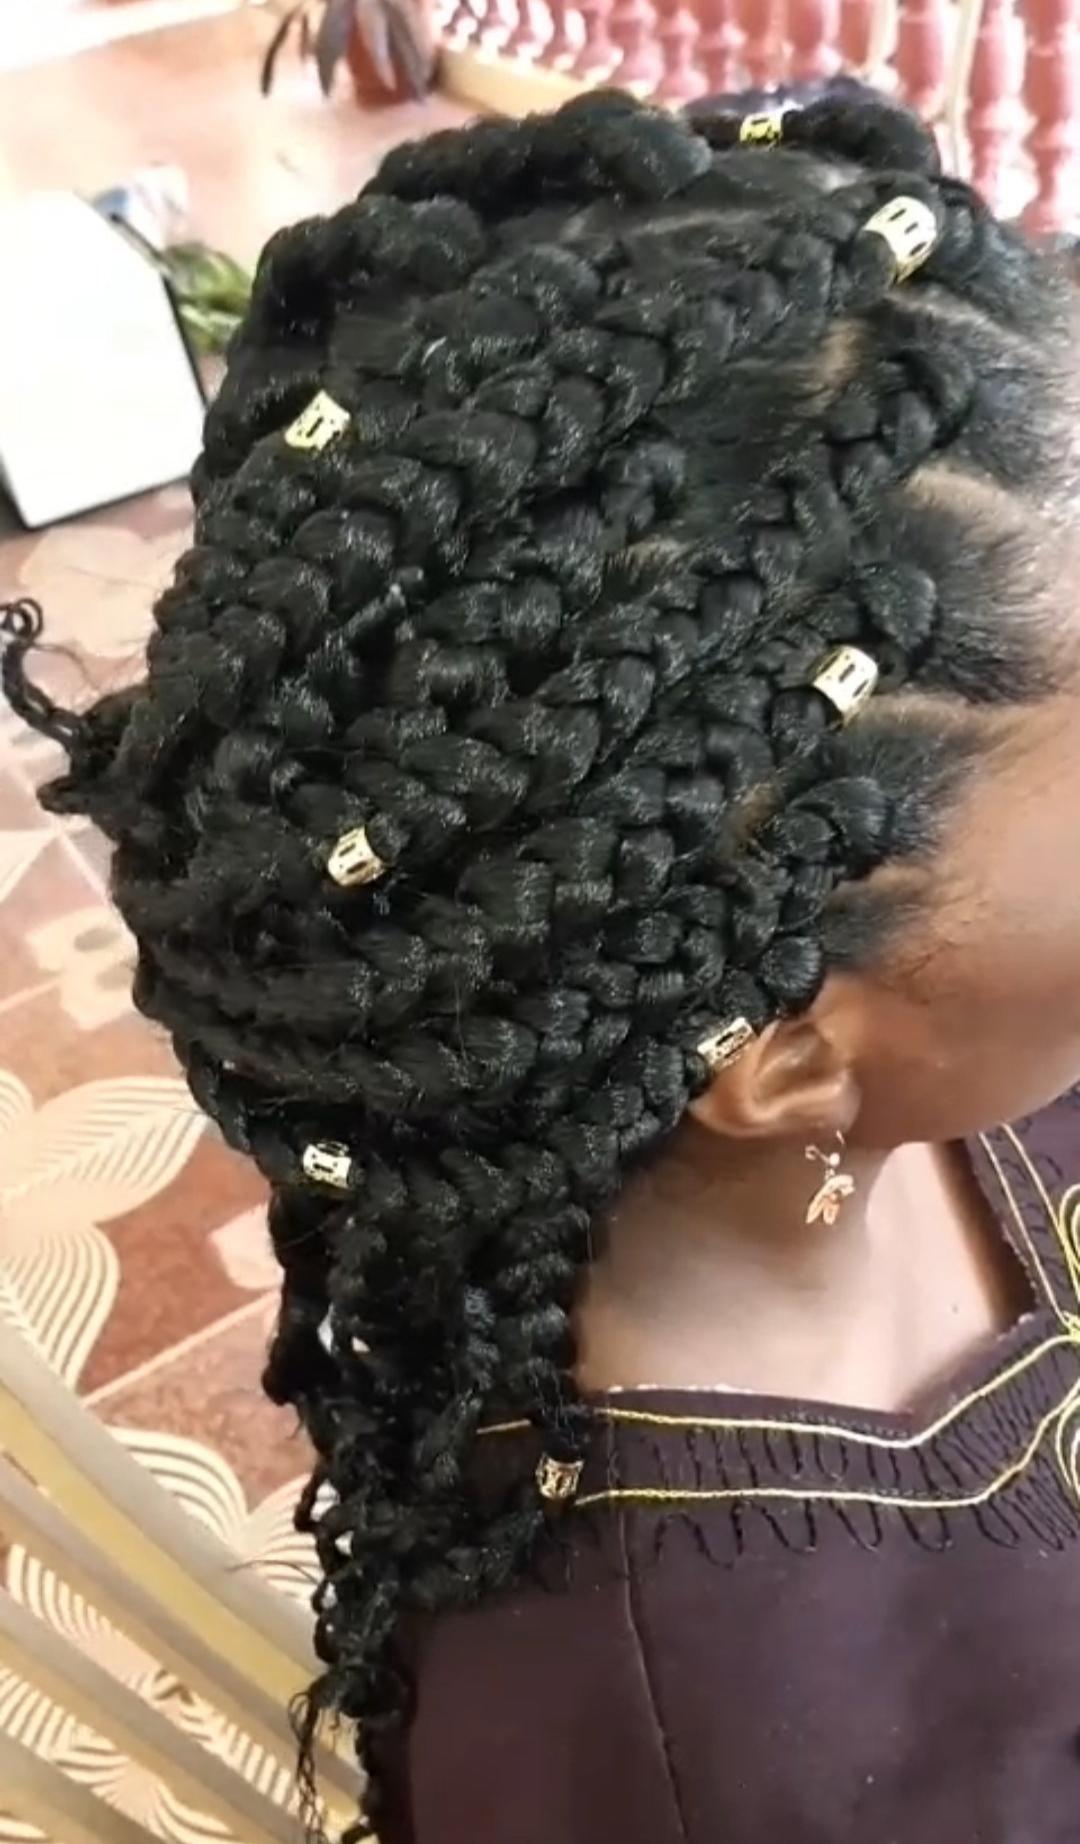 salon de coiffure afro tresse tresses box braids crochet braids vanilles tissages paris 75 77 78 91 92 93 94 95 CWMLFOVX